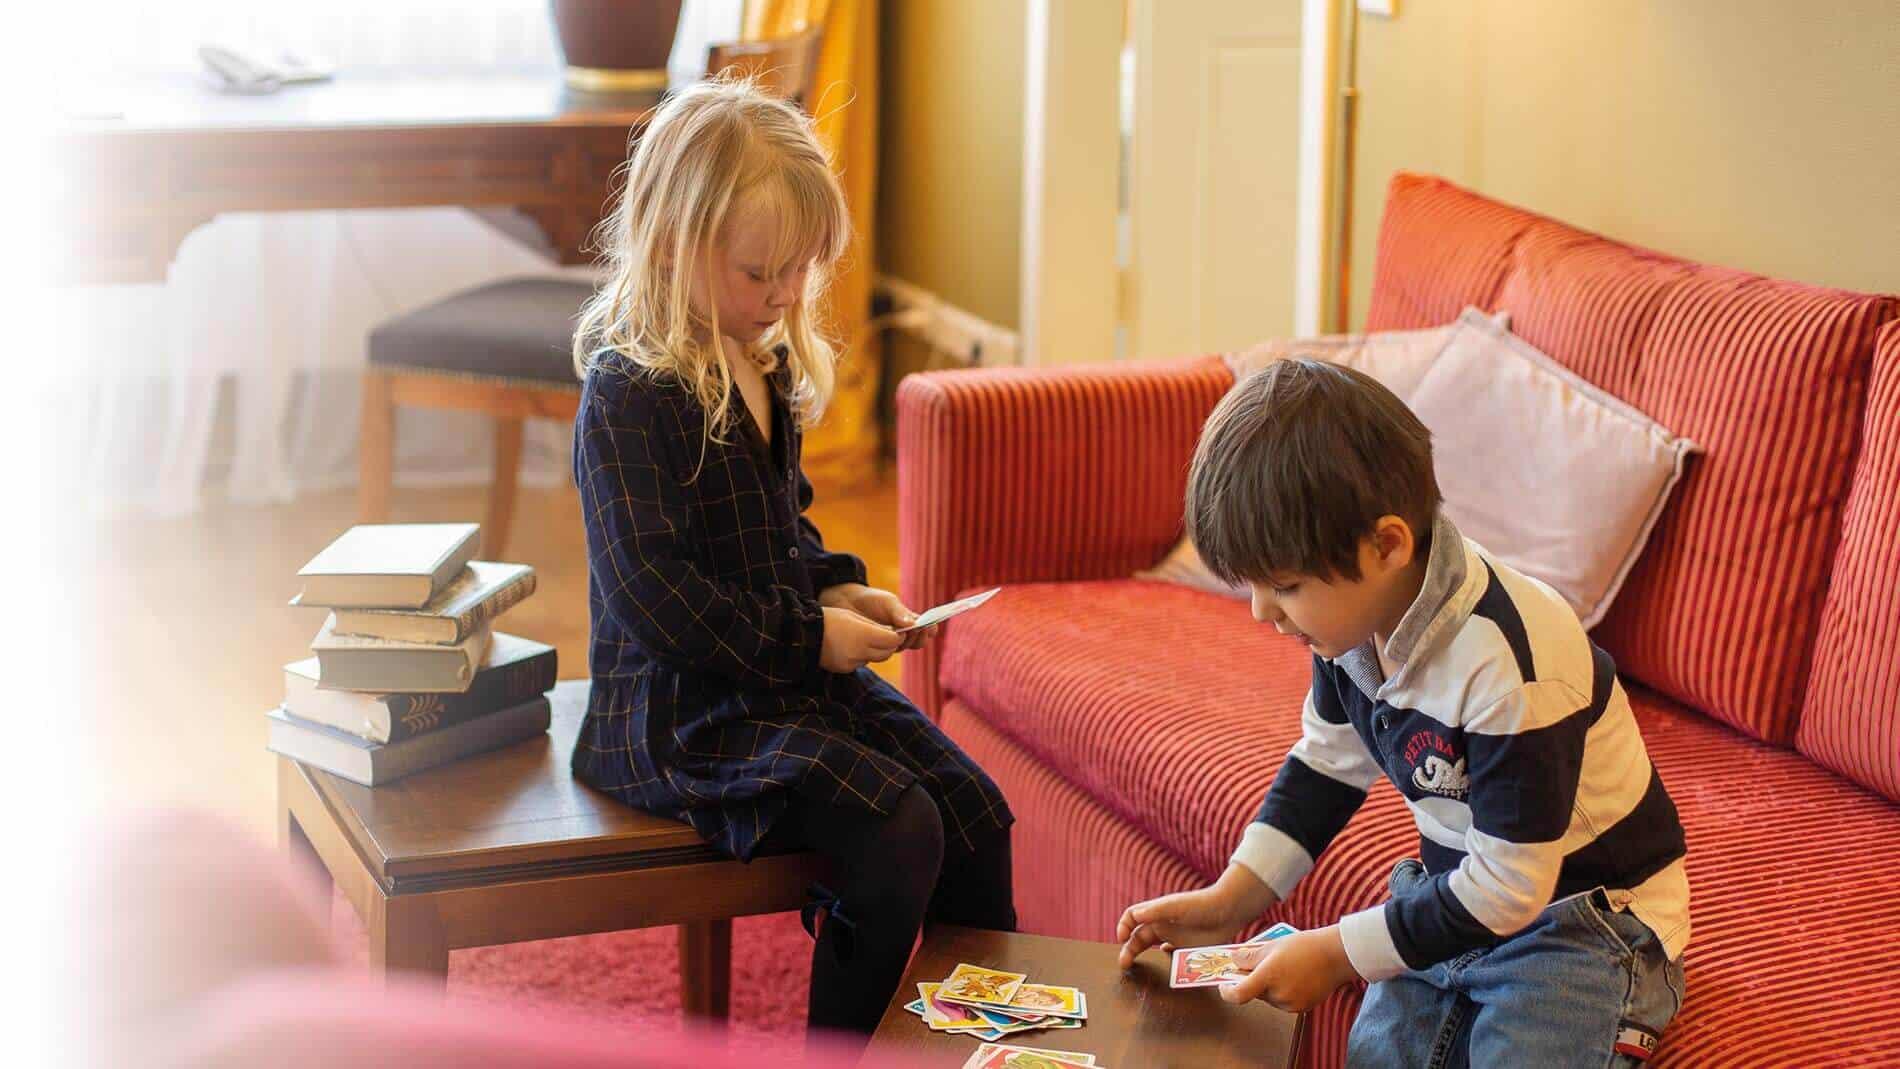 Mädchen und Junge spielen gemeinsam Karten im Wohnbereich des Familienzimmers im Louisa's Place Hotel